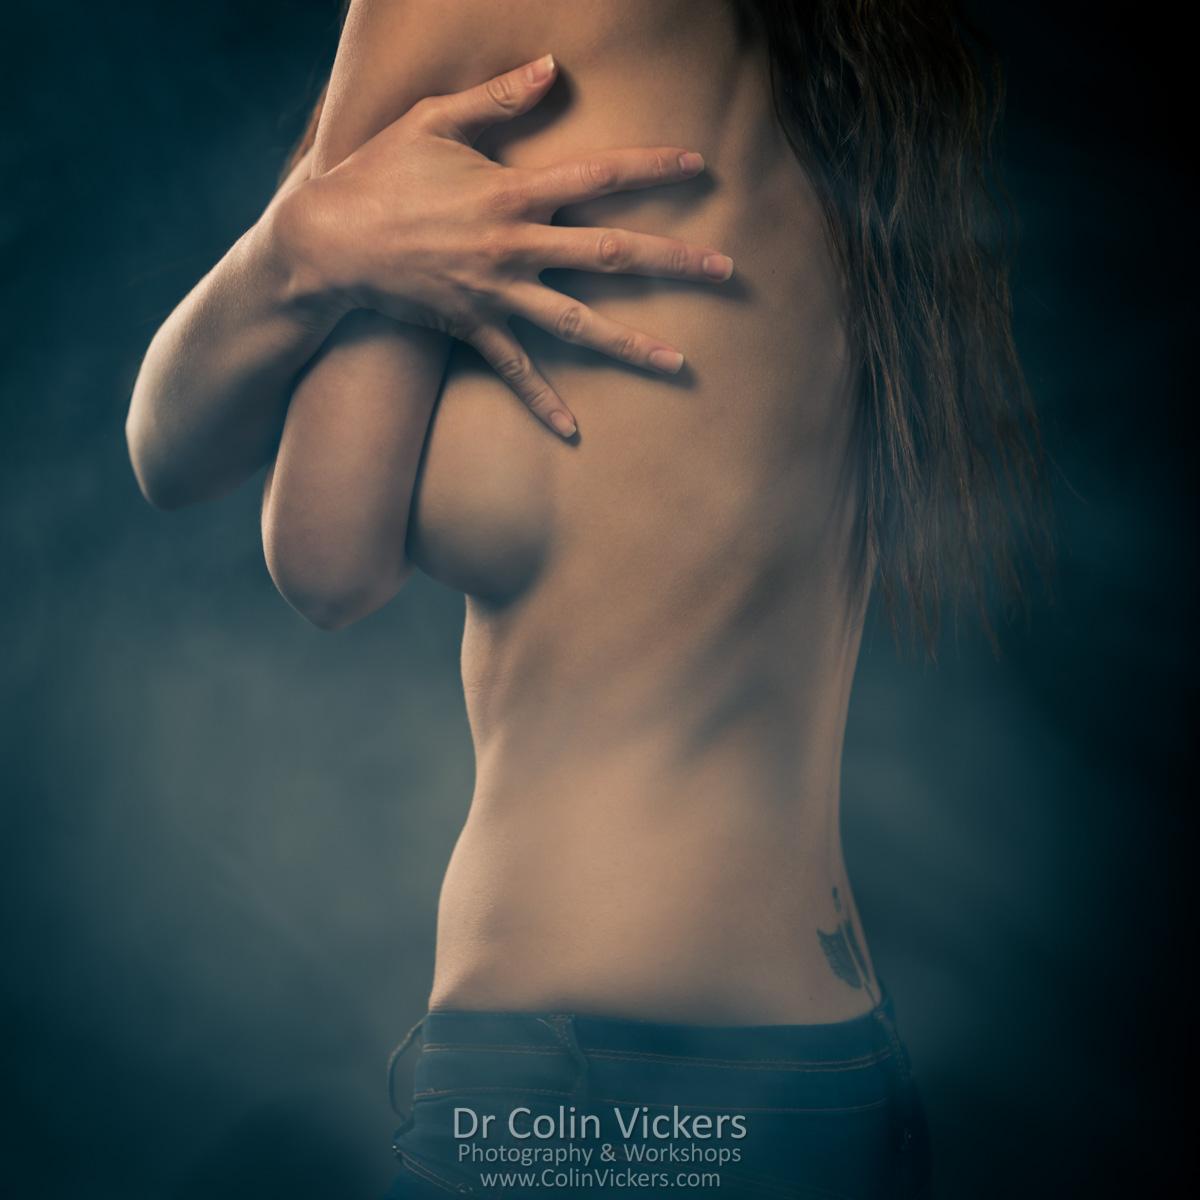 Dr_Colin_Vickers_20130518_DSC_4963-2